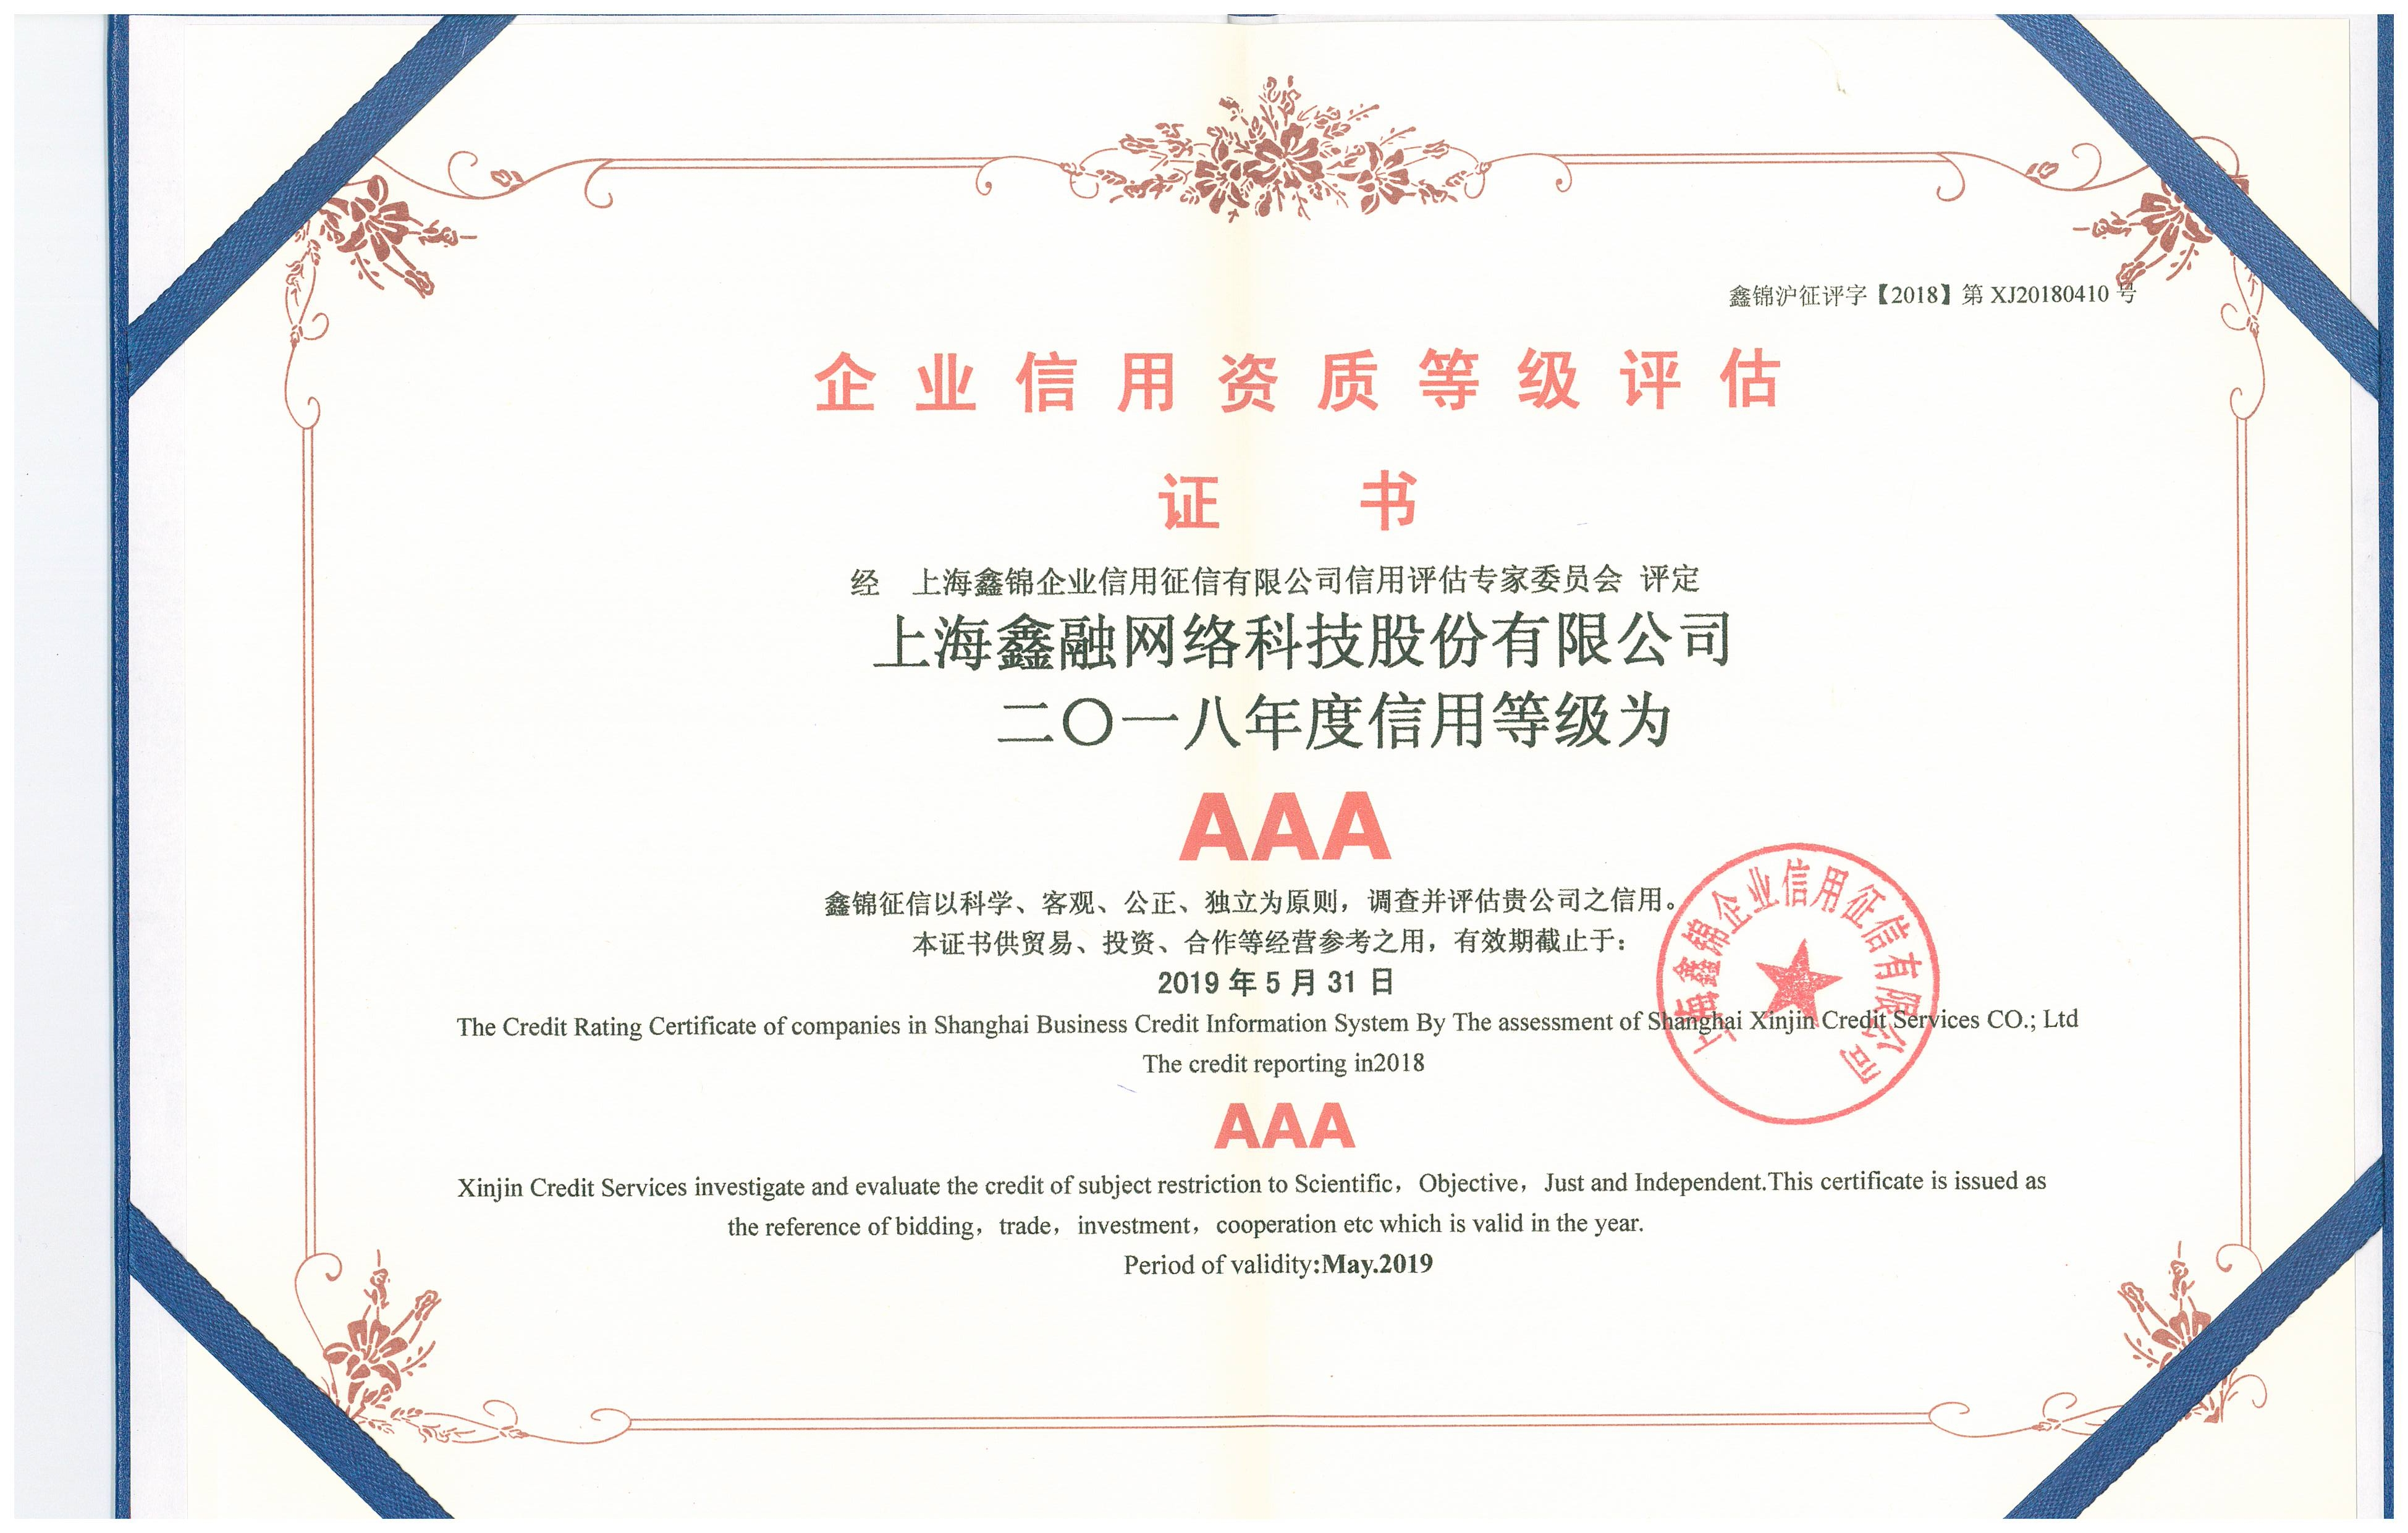 鑫融网络2018年AAA等级证书